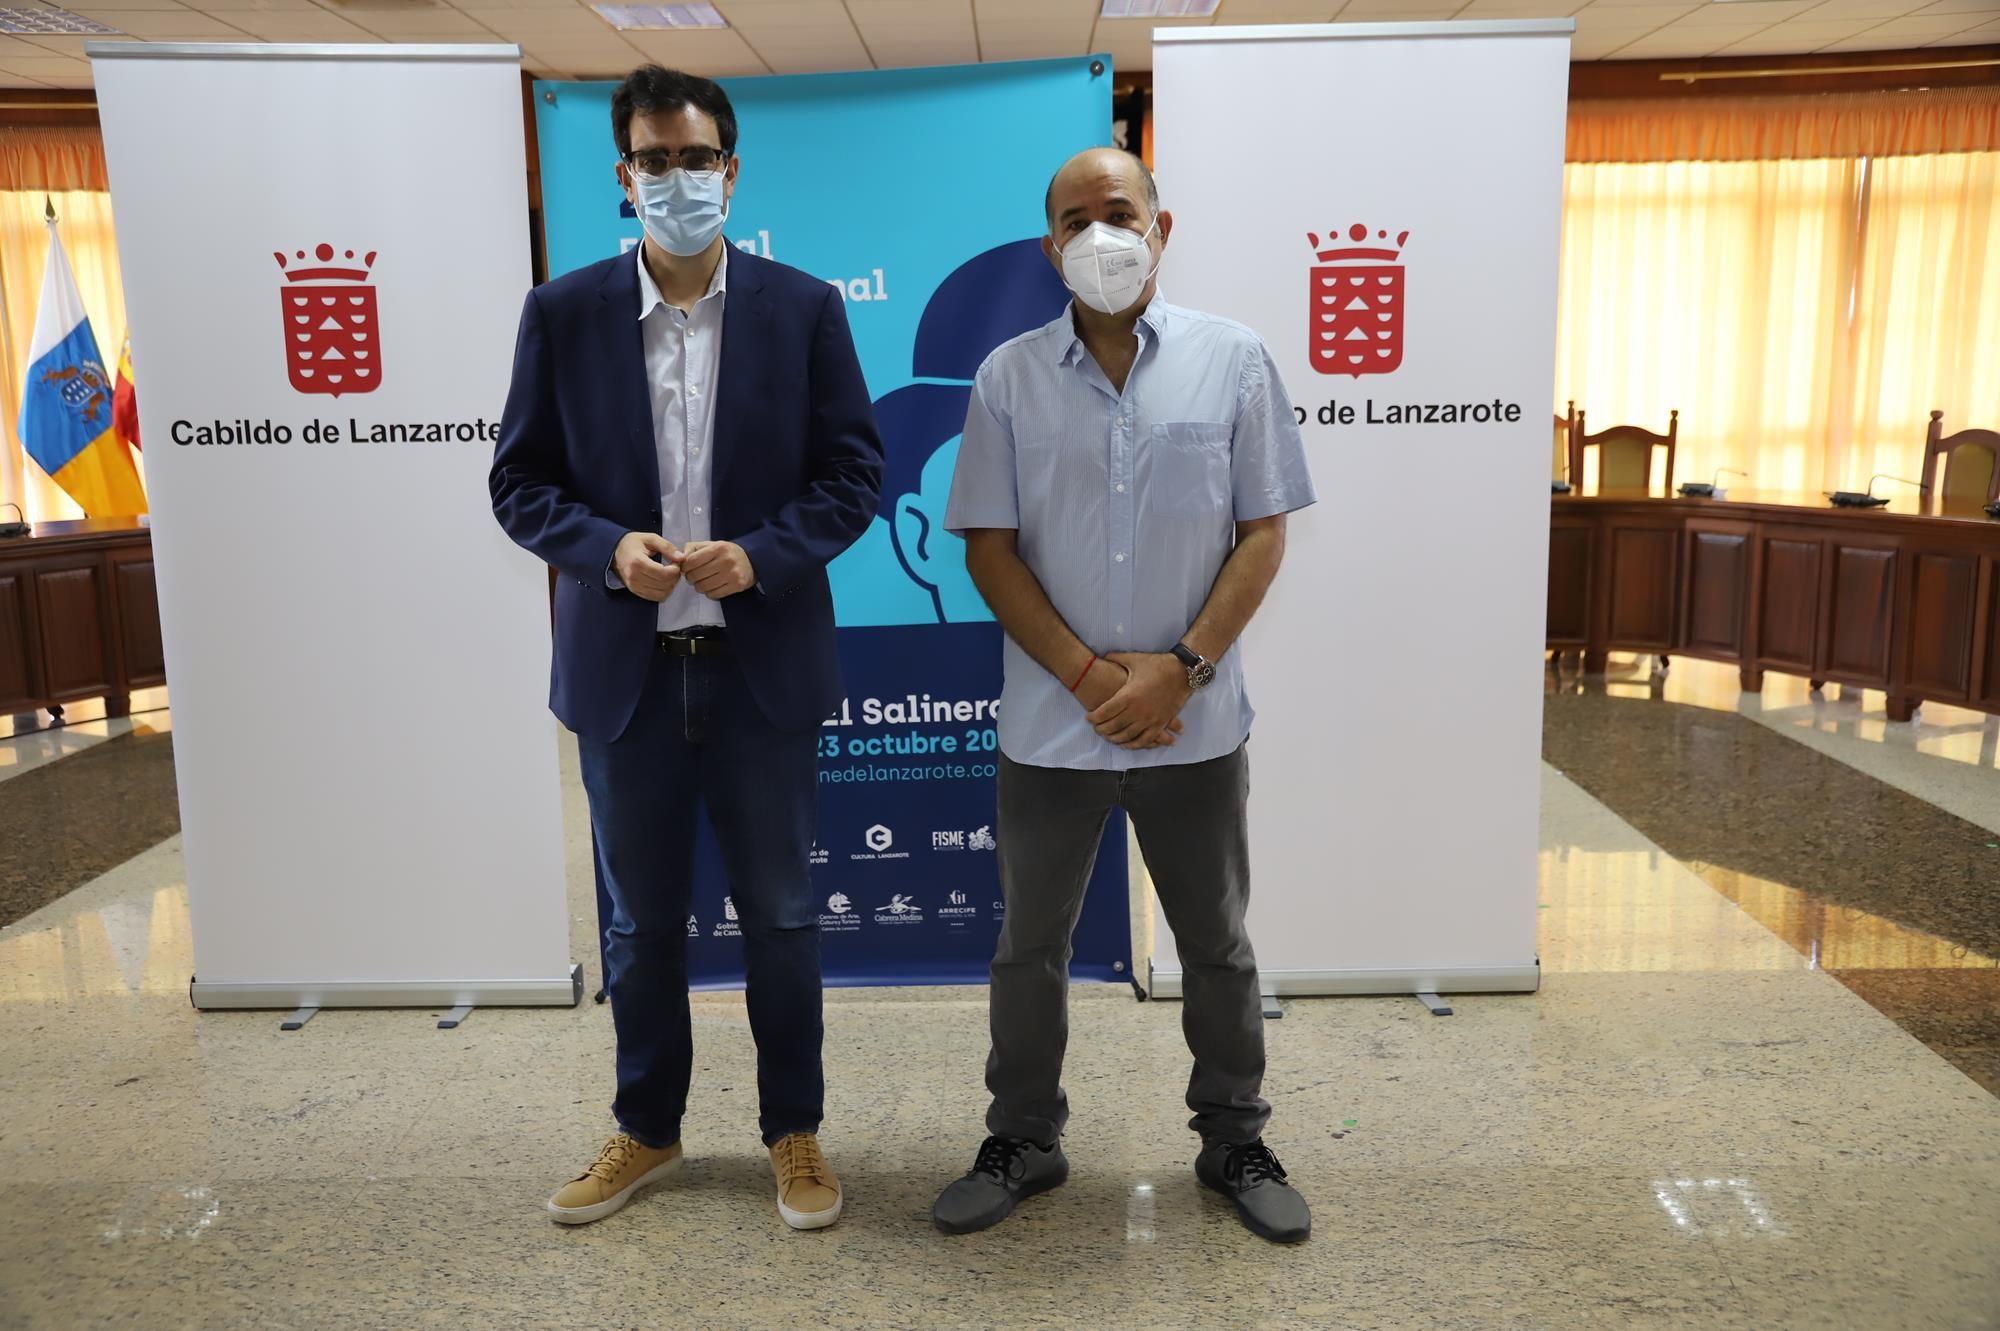 Prest  21 Festival Internacional de Cine de Lanzarote (2) .jpg